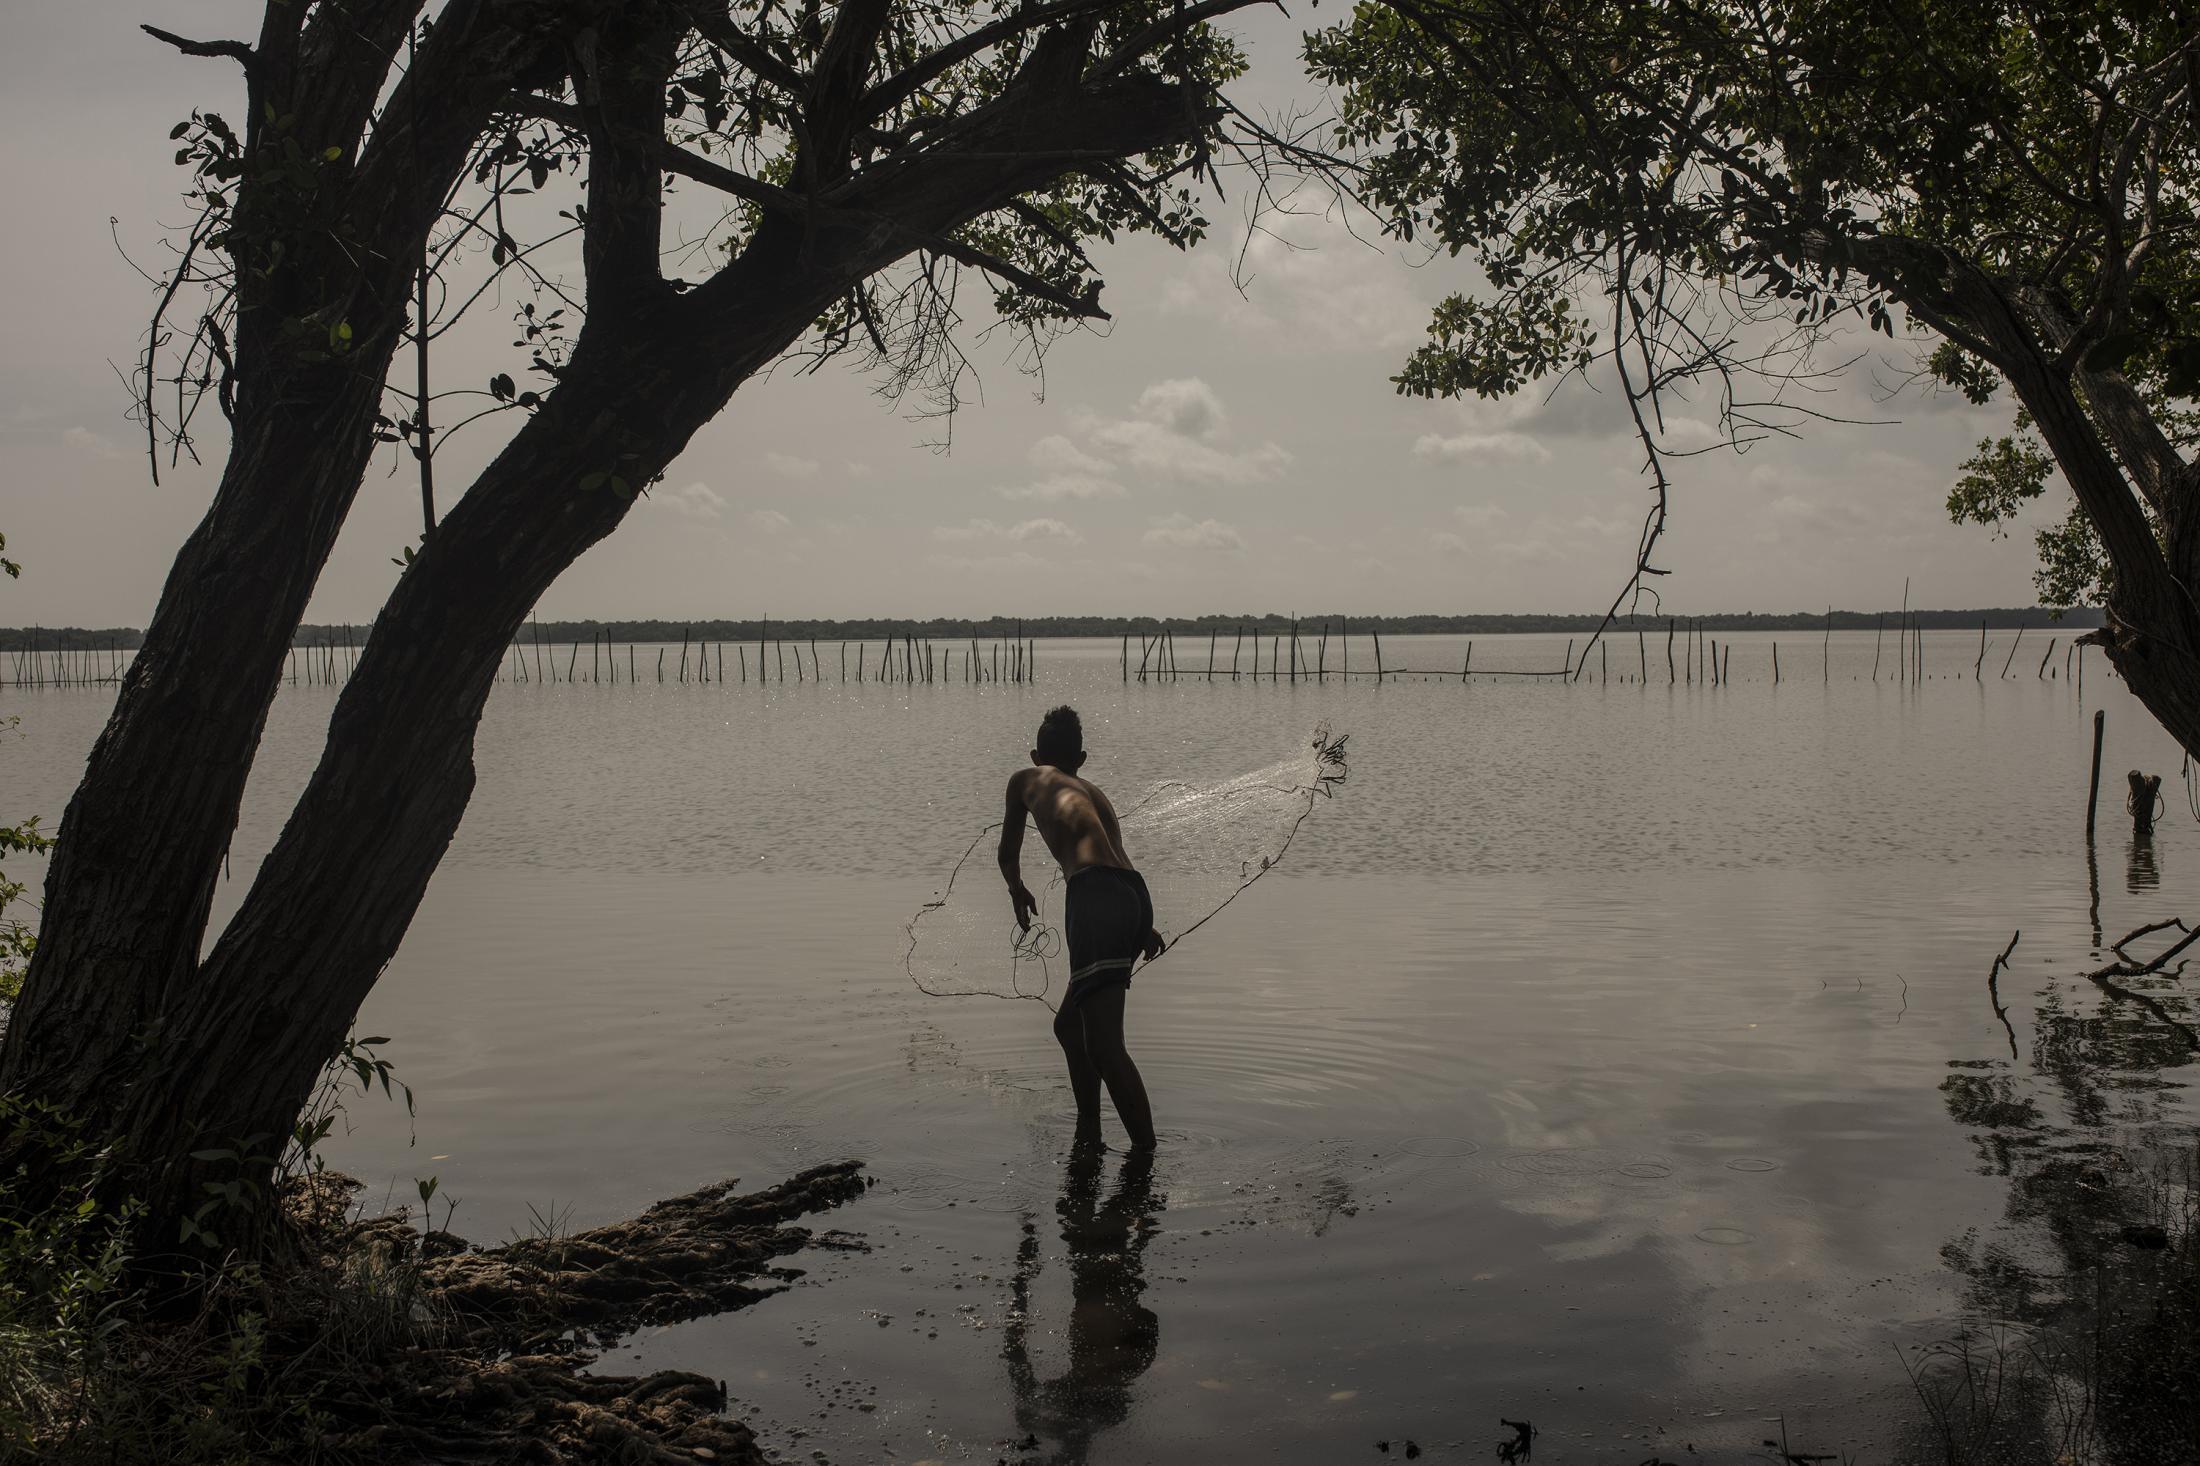 Brian Zamudio, 18 años, lanza una atarraya sobre la Laguna de Alvarado, durante su tiempo libre ayuda a sus padres a pescar para poder alimentarse o comercializar en el mercado de mariscos. Brian ha sido uno de los estudiantes afectados por la pandemia del Covid-19 al vivir en una comunidad sin energía eléctrica ni internet para poder realizar sus actividades académicas.